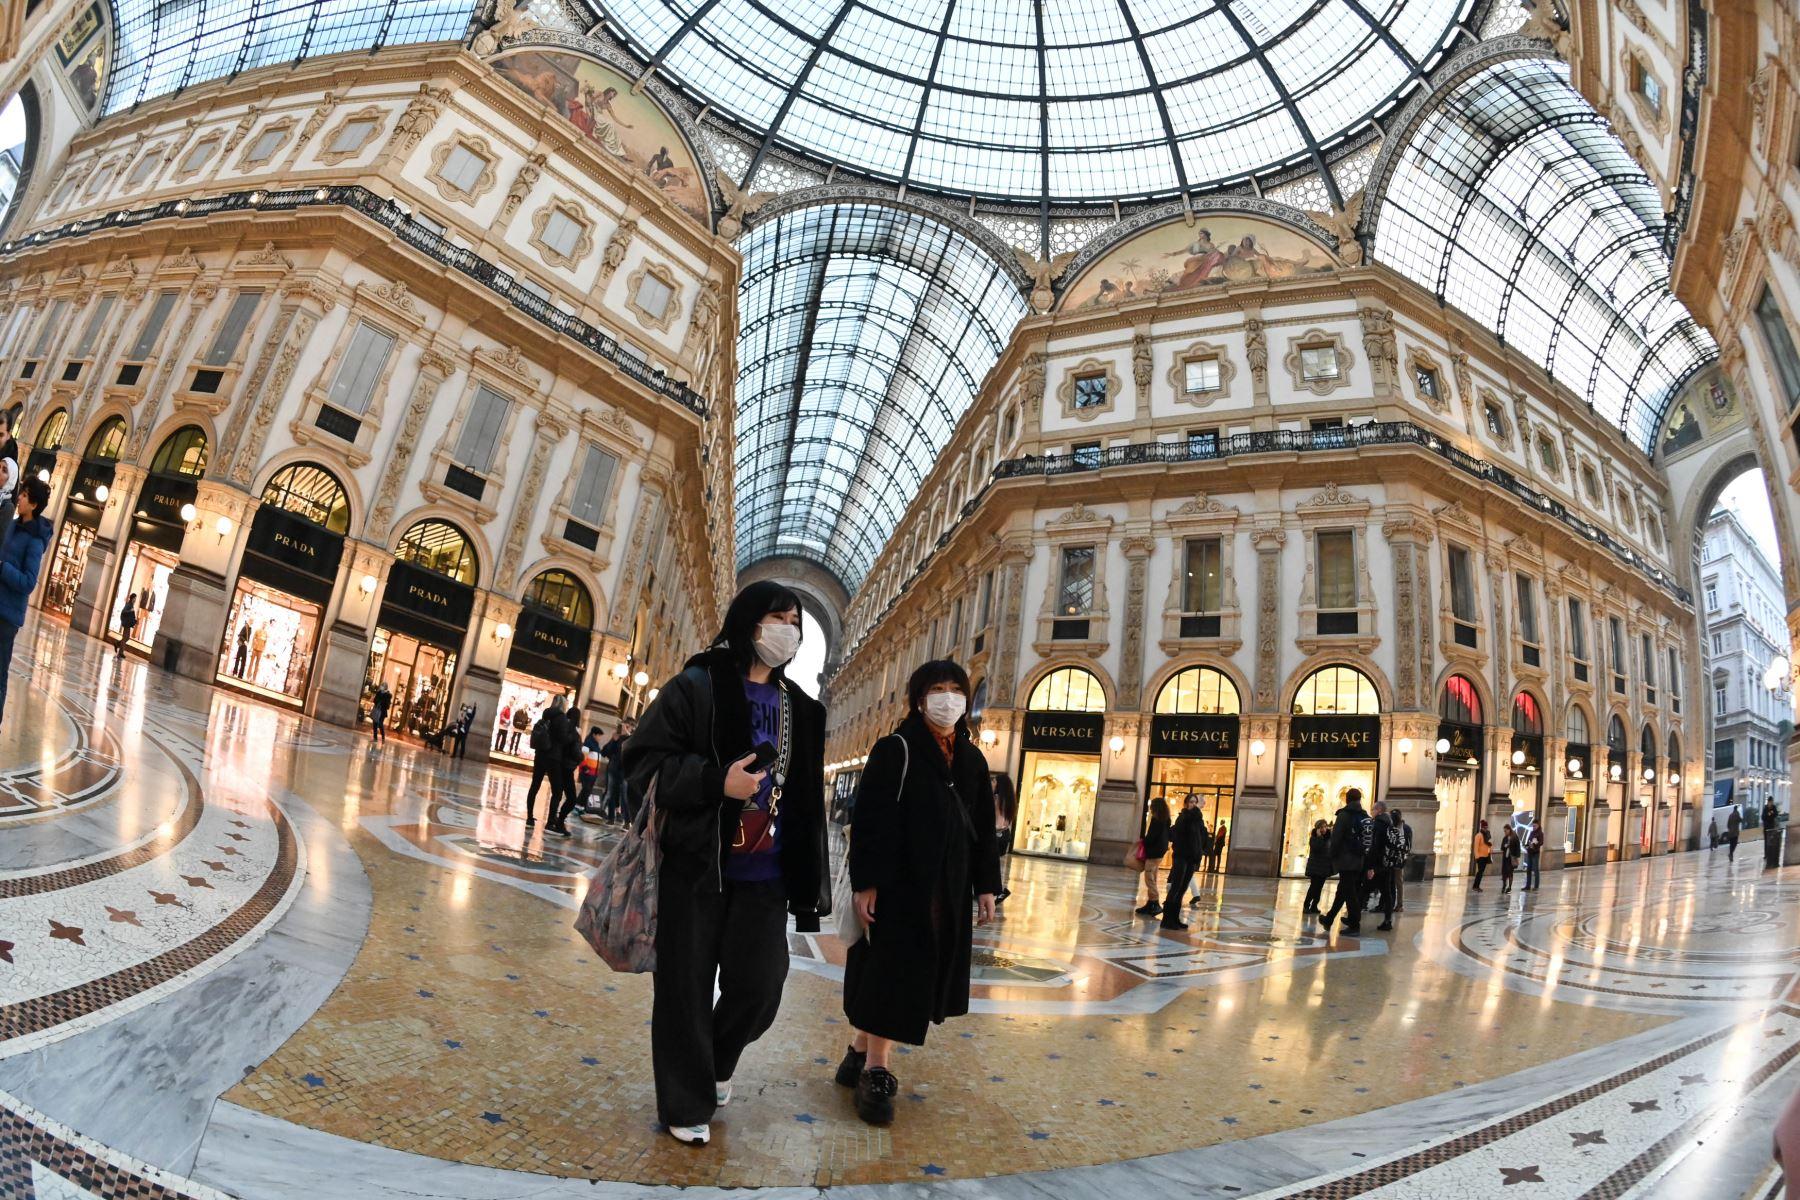 Turistas que llevan máscaras protectoras visitan la Galería Vittorio Emanuele II, en el centro de Milán. Foto: AFP